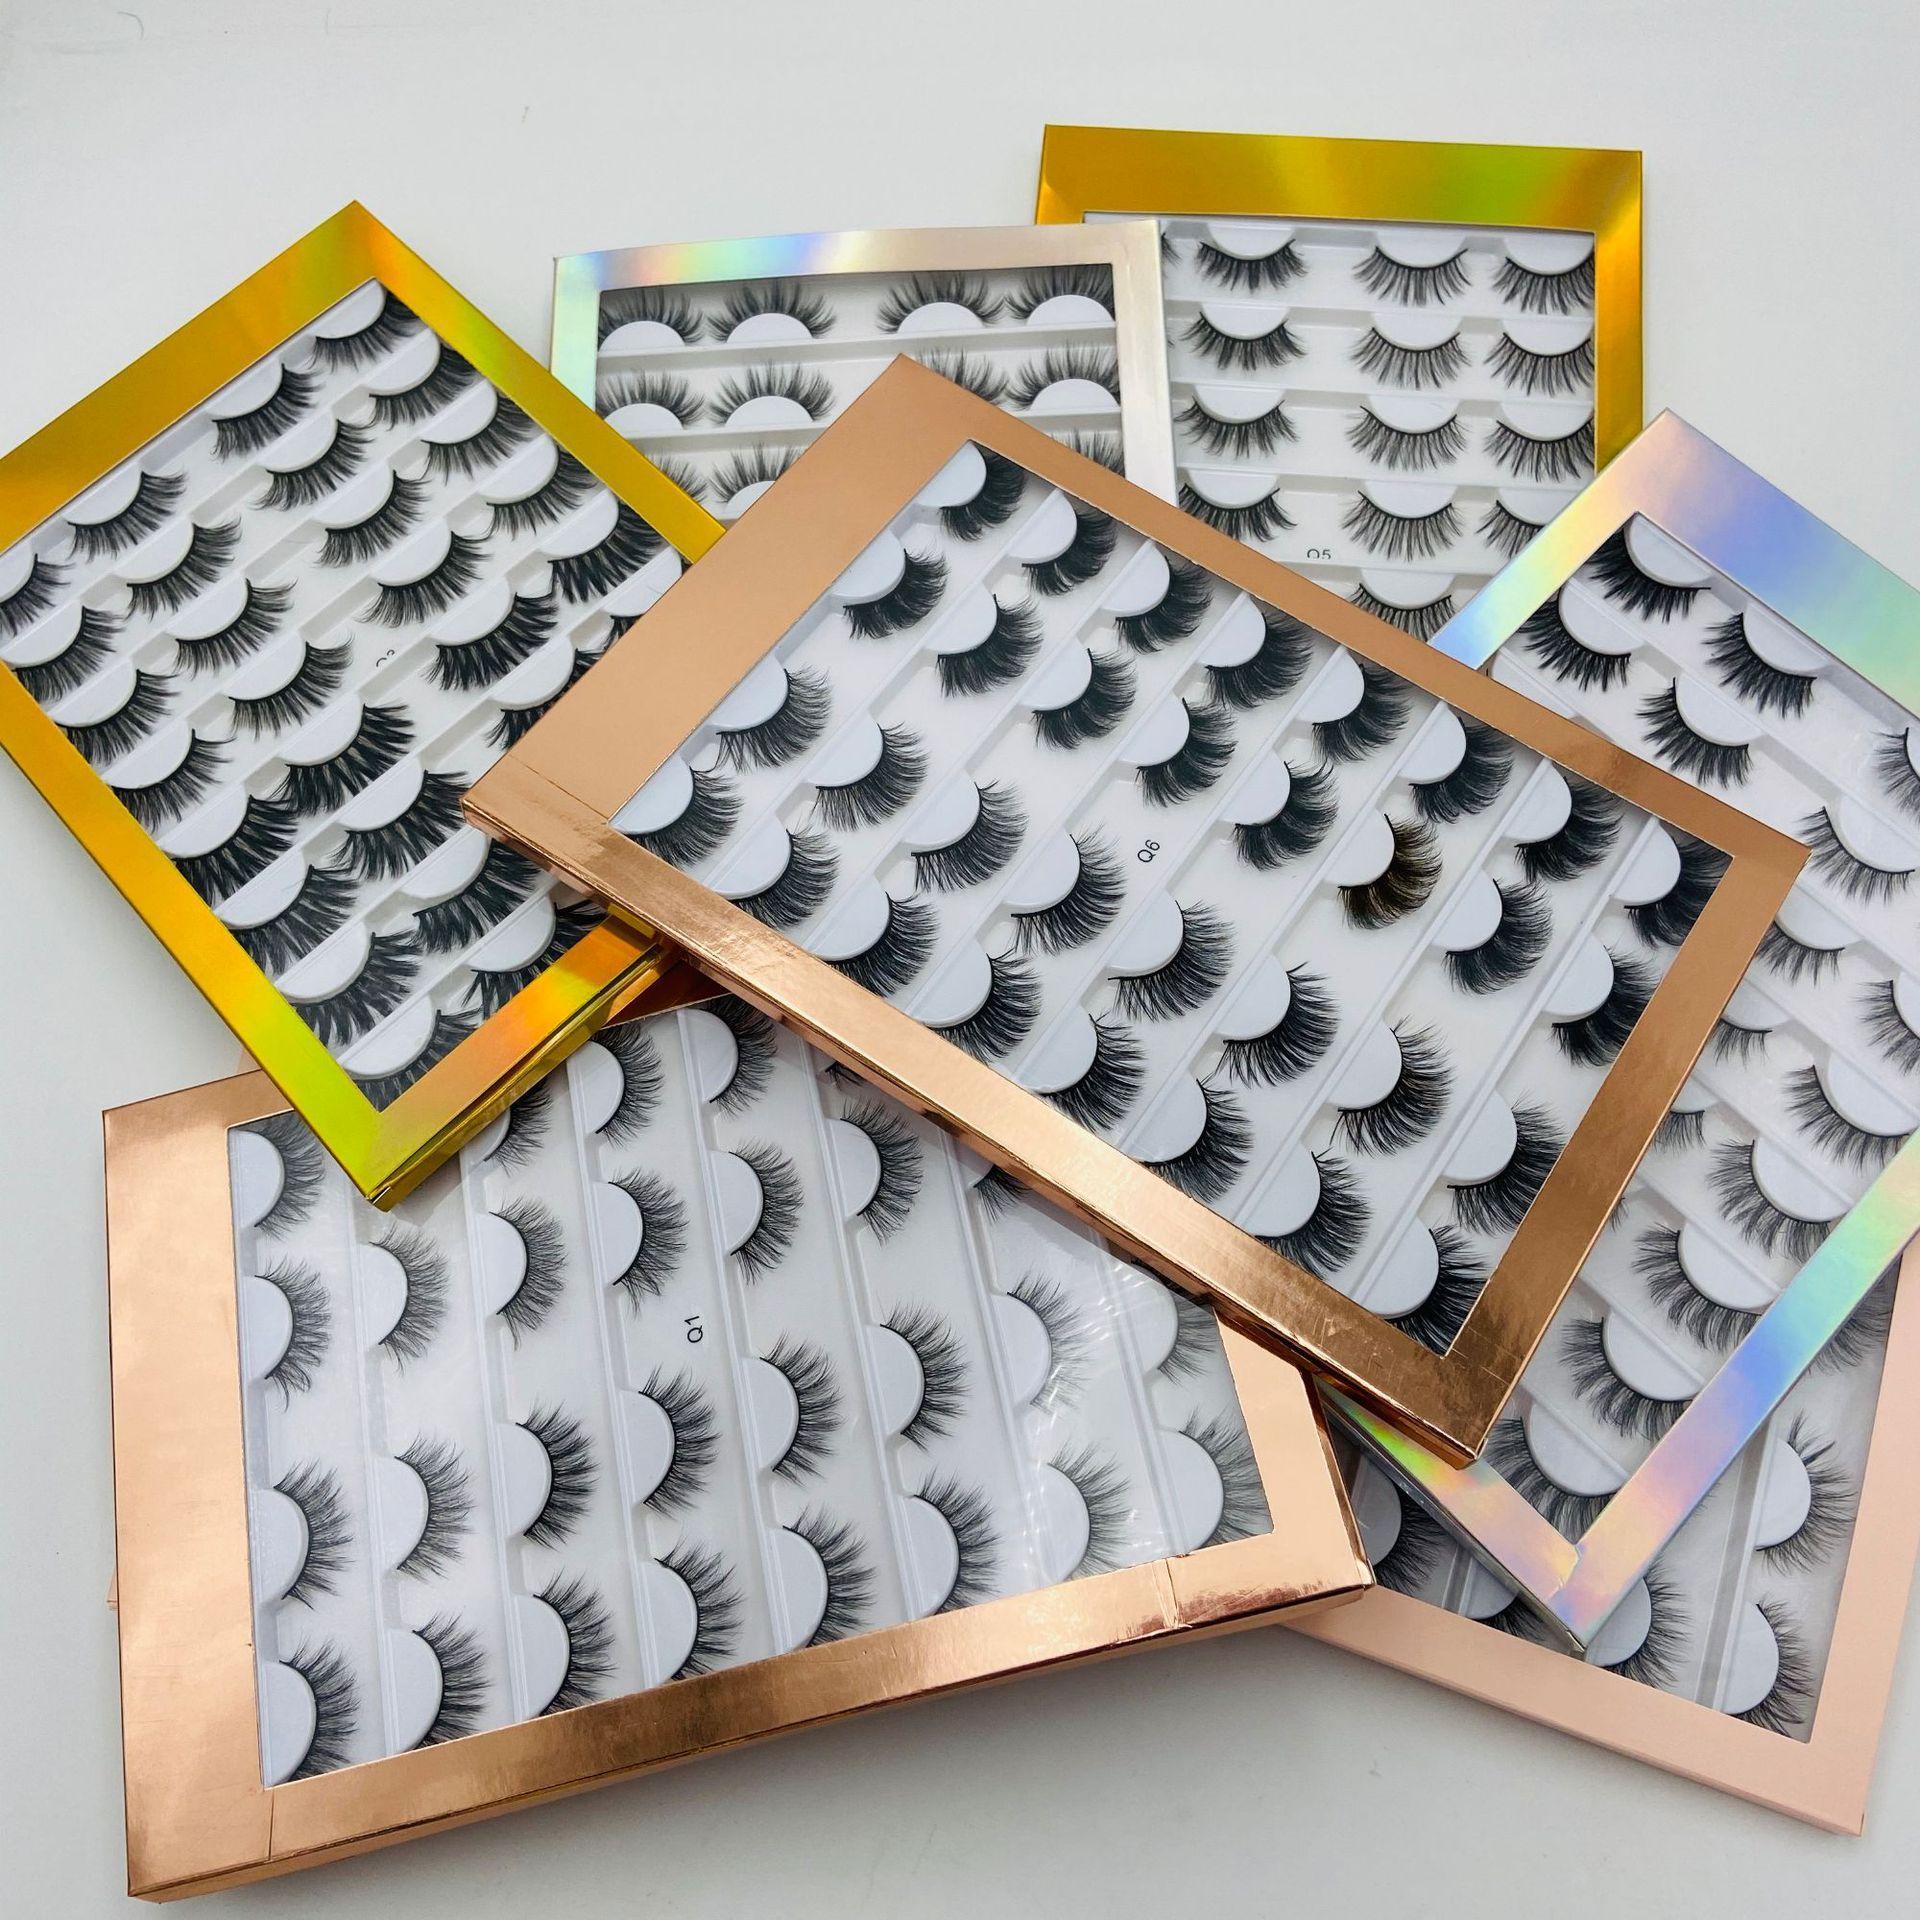 Бесплатная доставка ePacket 16 пар норка Ресницы 3D Накладные ресницы Толстые крест-накрест макияж наращивание ресниц Natural Volume Soft Поддельные Eye Lashes!